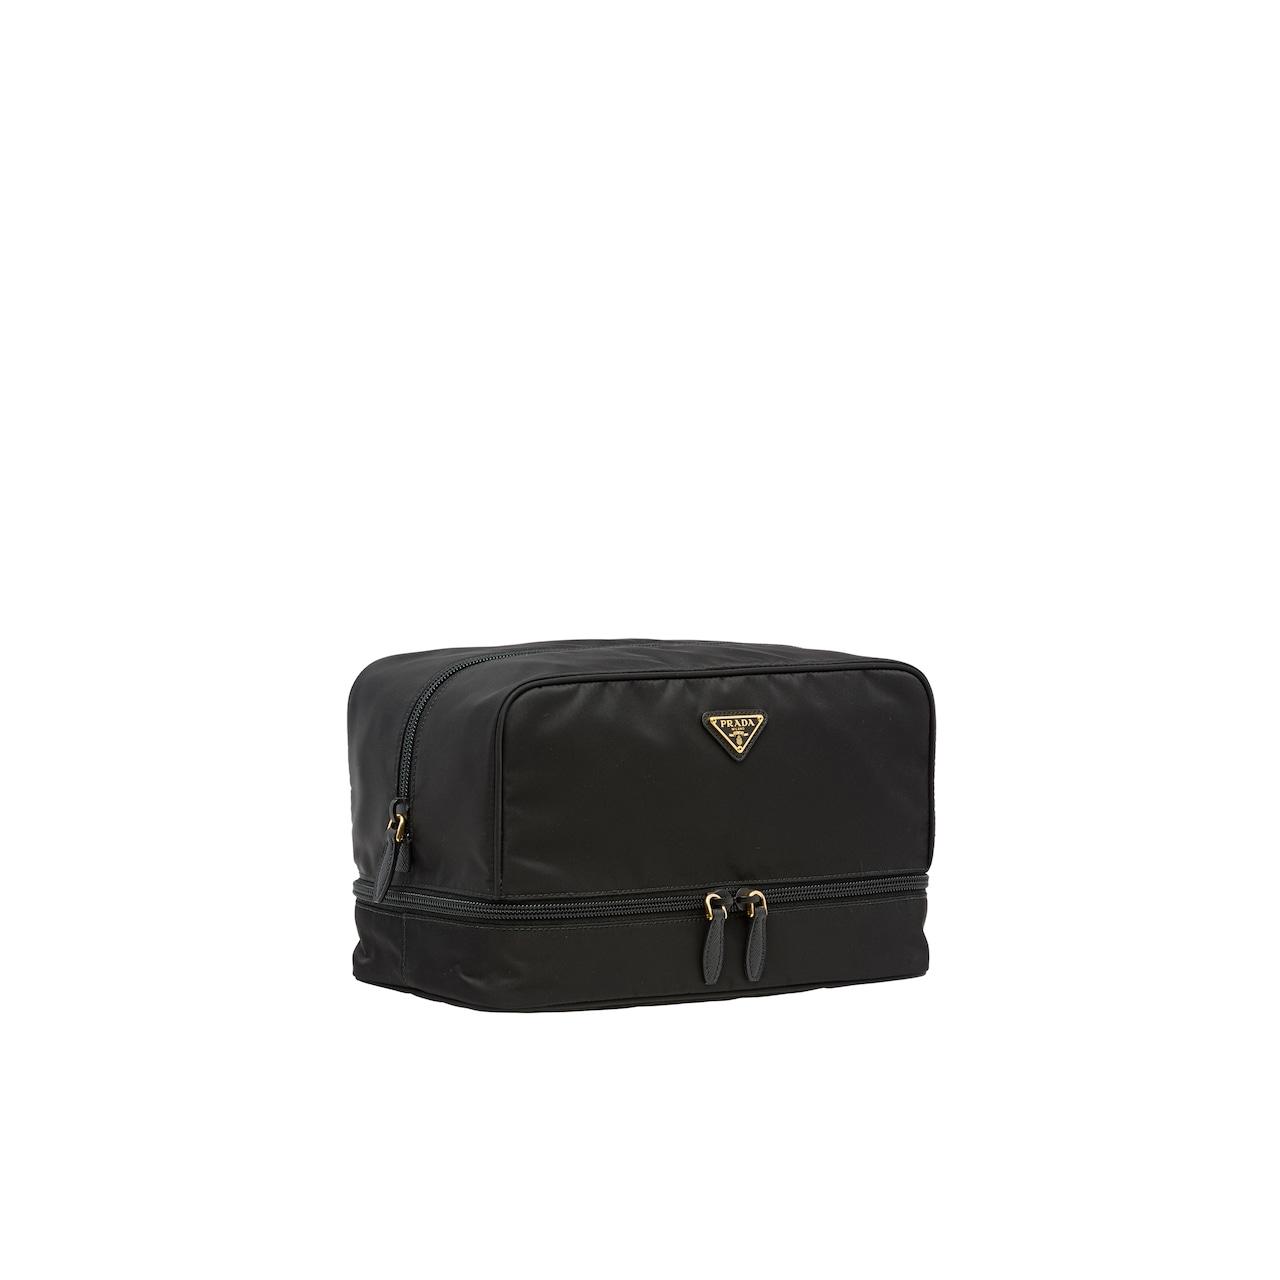 Nylon bag with jewelry case